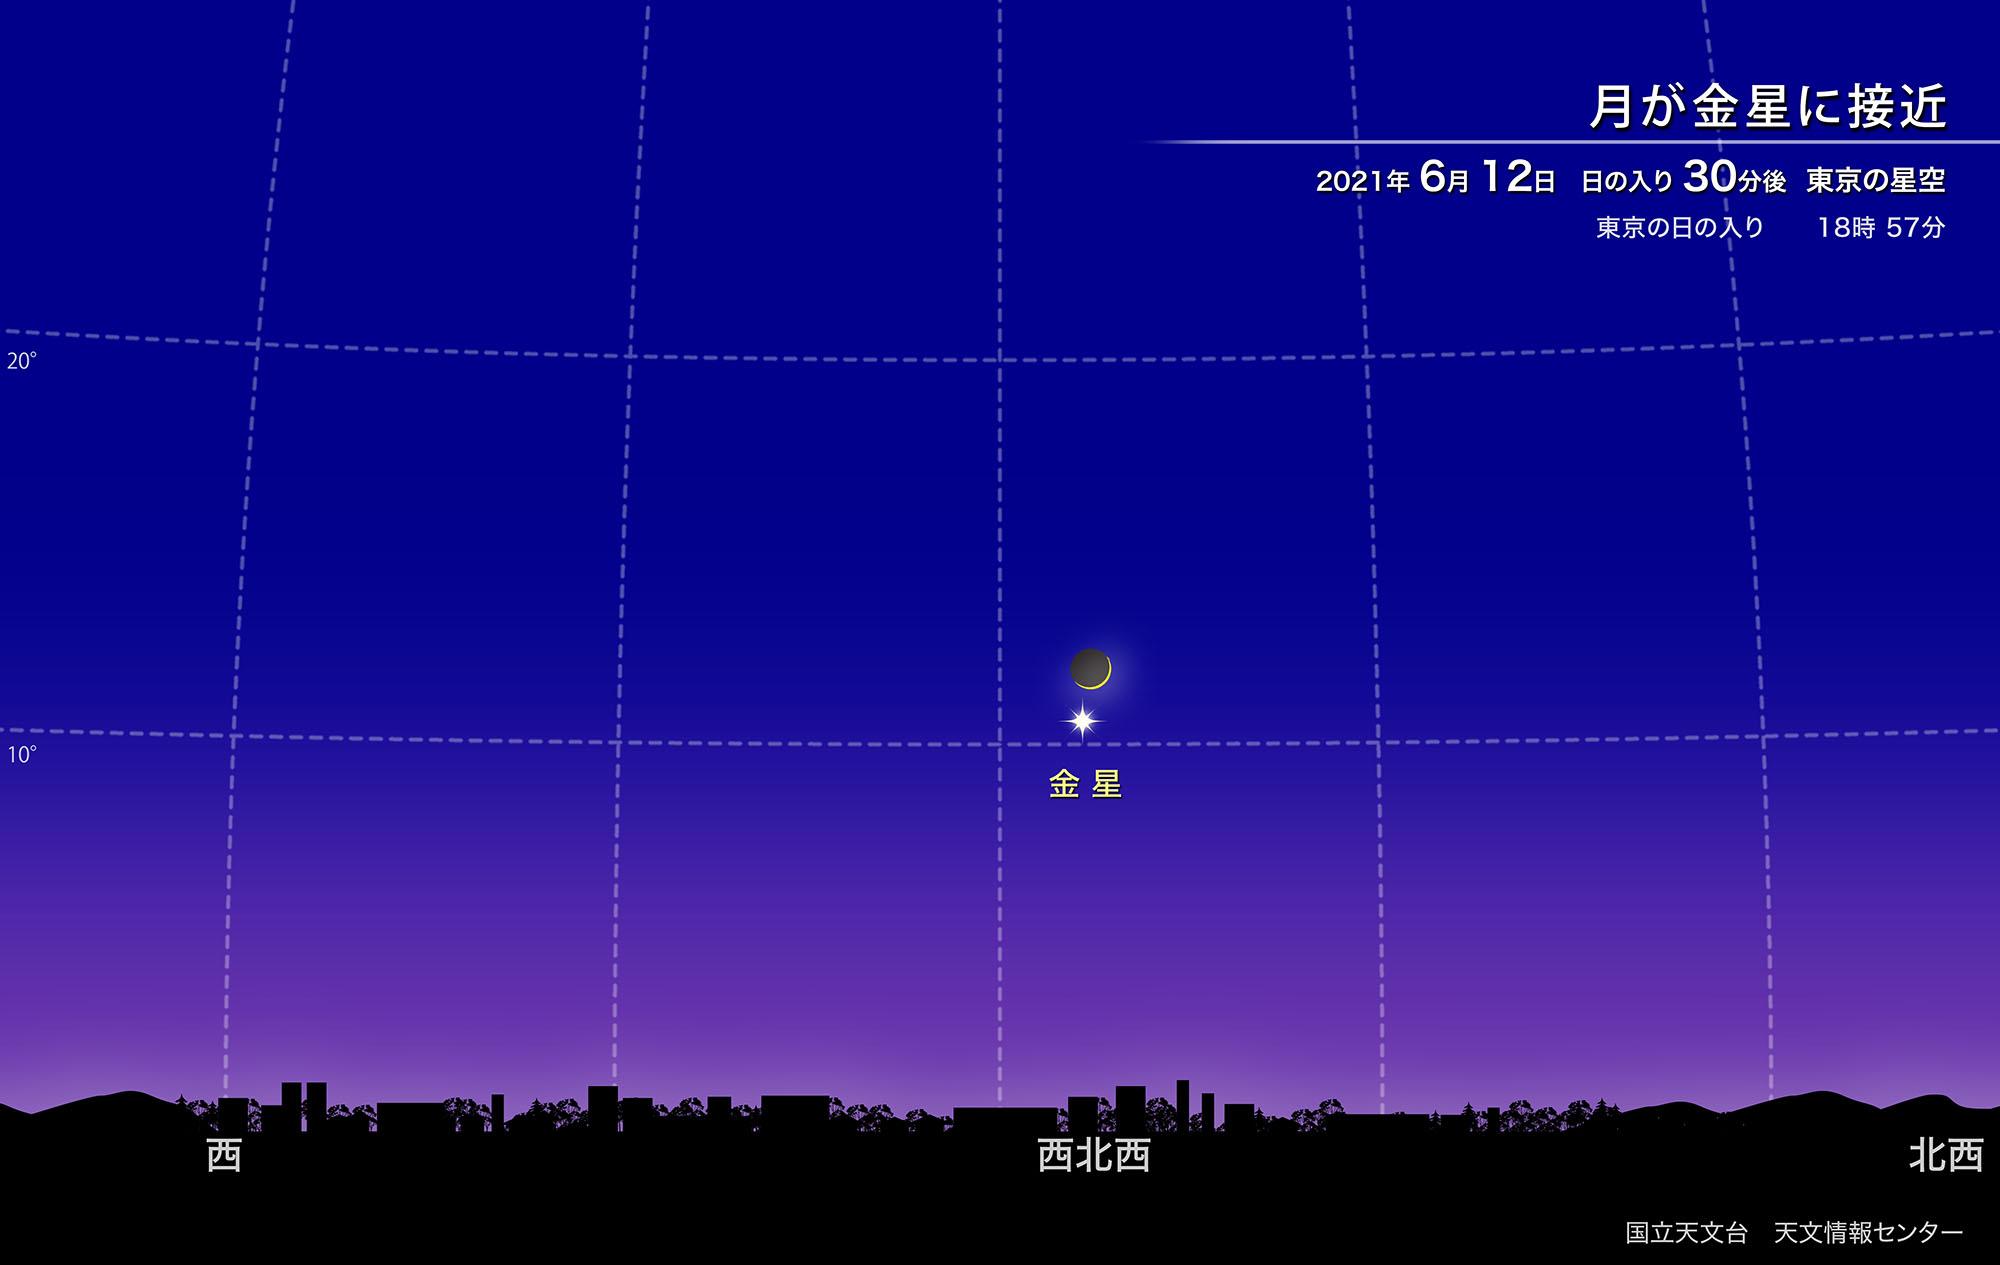 月が金星に接近(2021年6月) | 国立天文台(NAOJ)